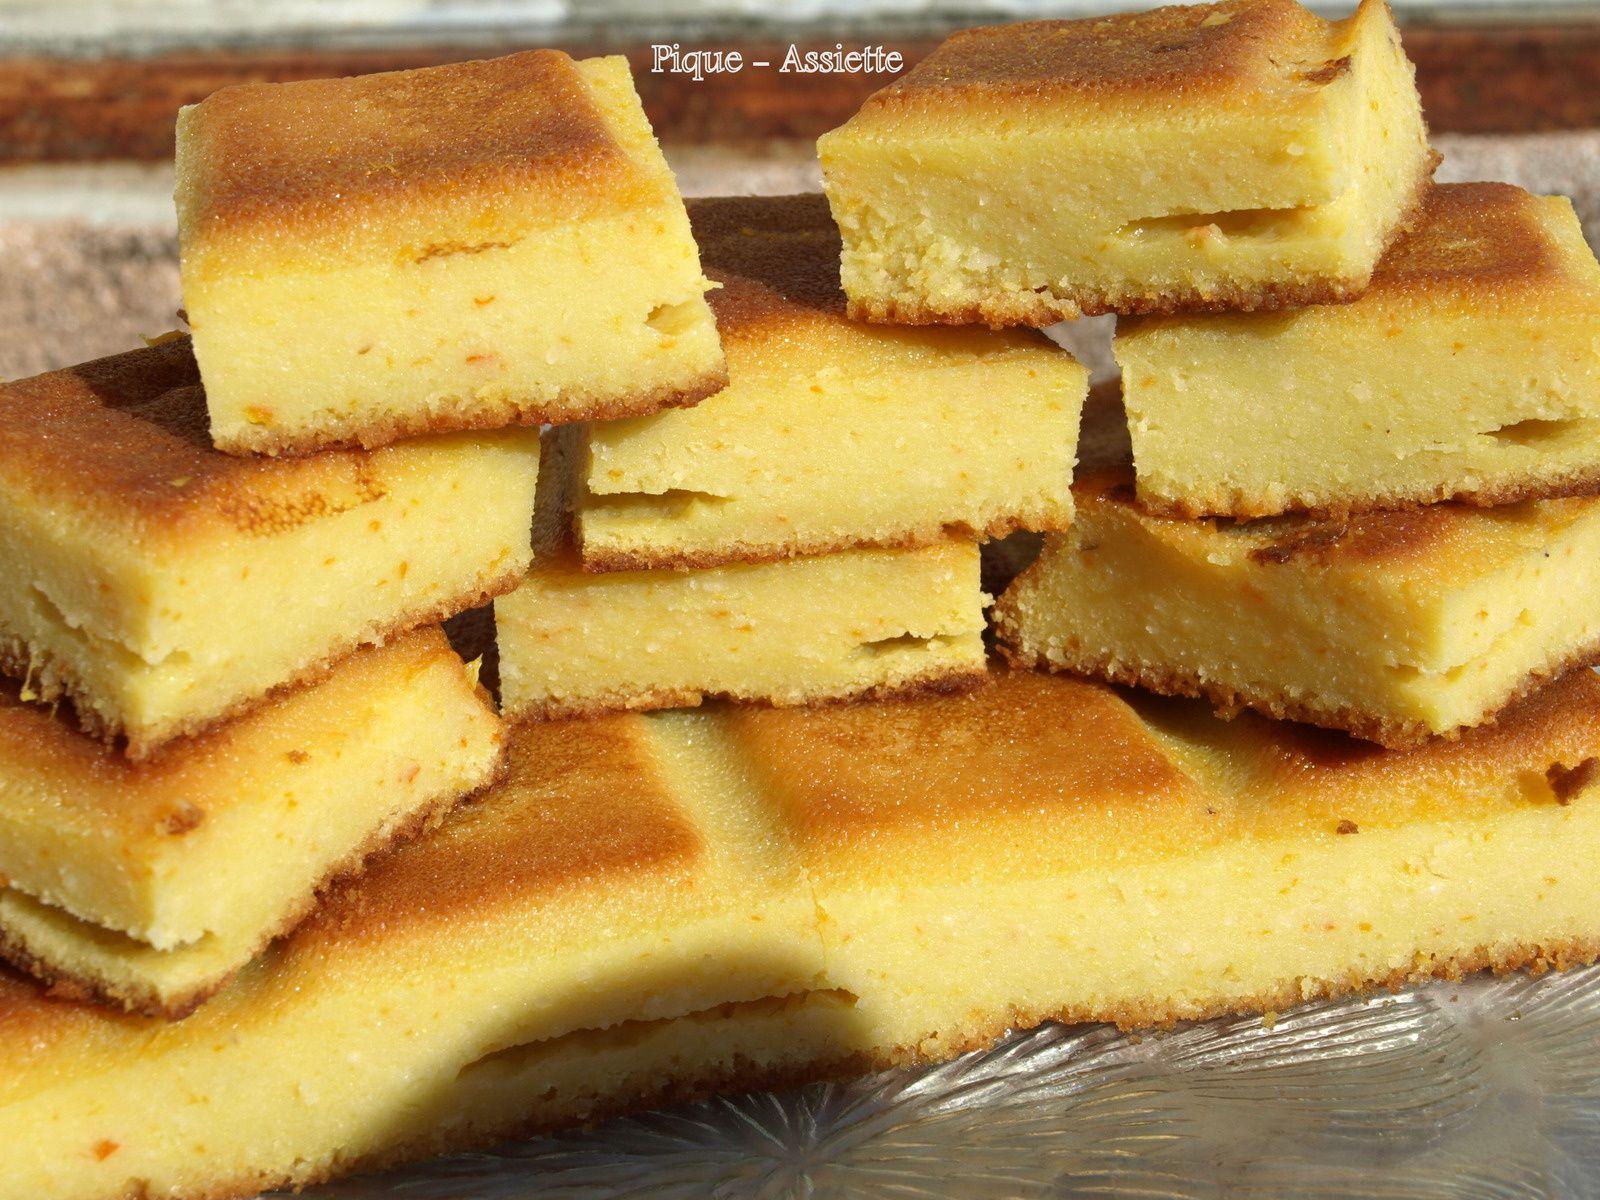 Gâteau Impérial aux agrumes. (Recettes au Companion ou pas ... )